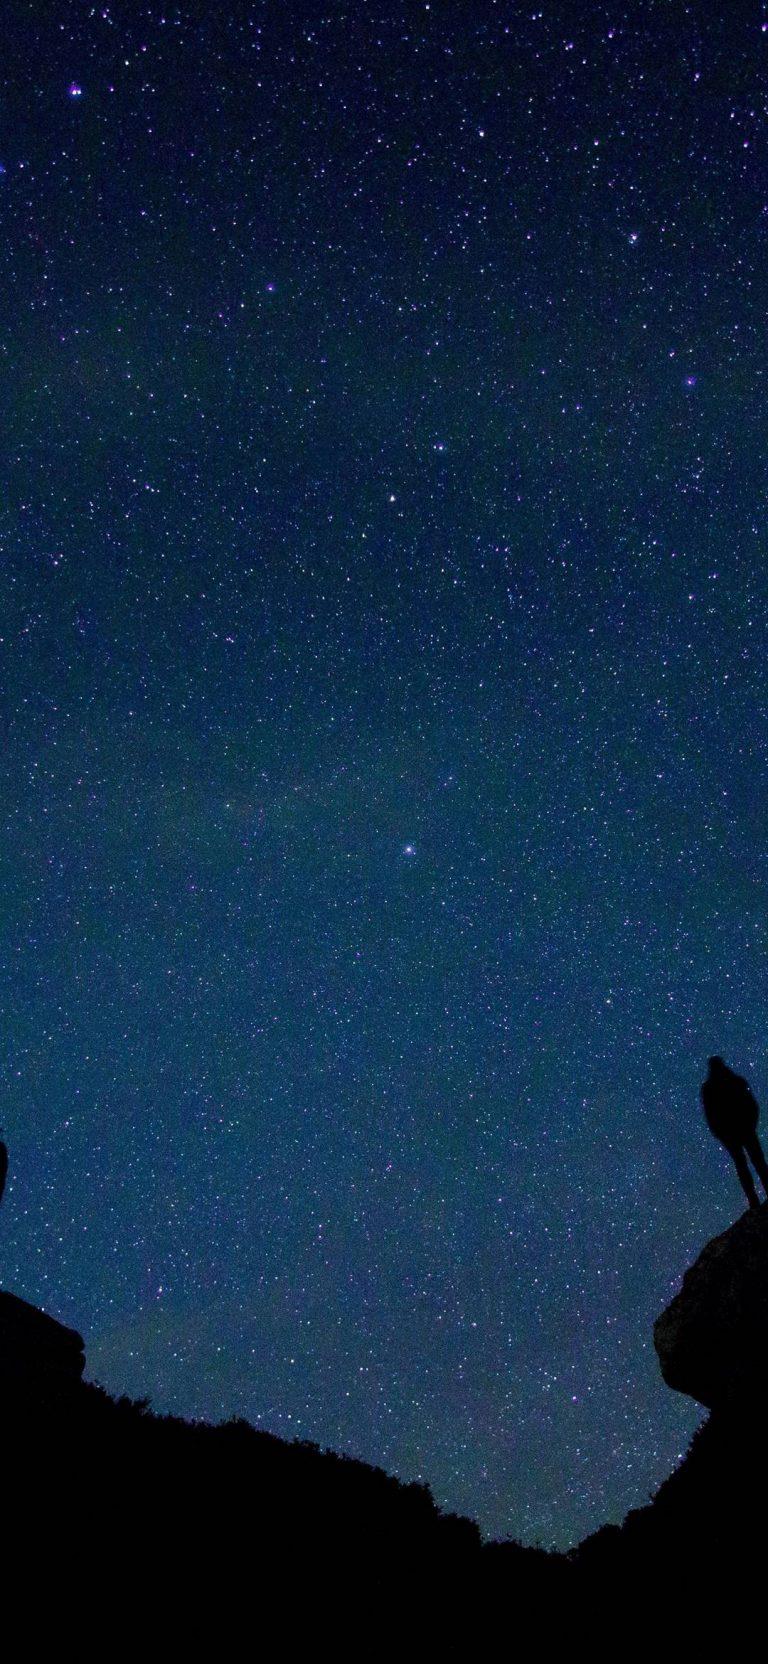 Starry Night Wallpaper 1080x2340 768x1664